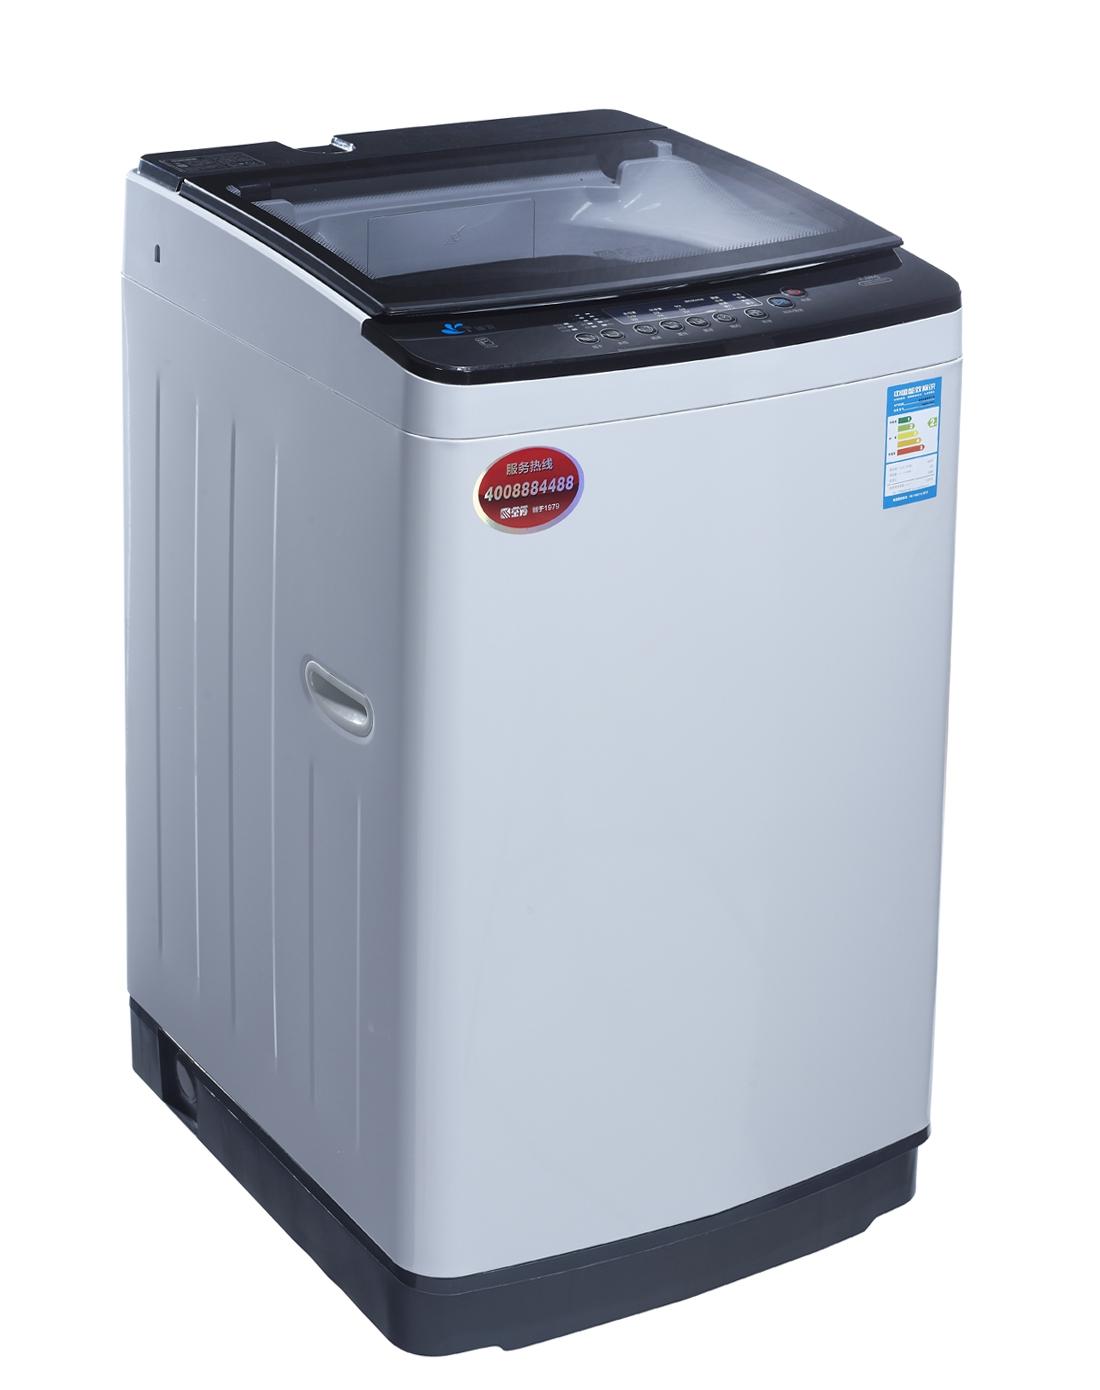 > 金羚7kg大容量智能全自动波轮洗衣机